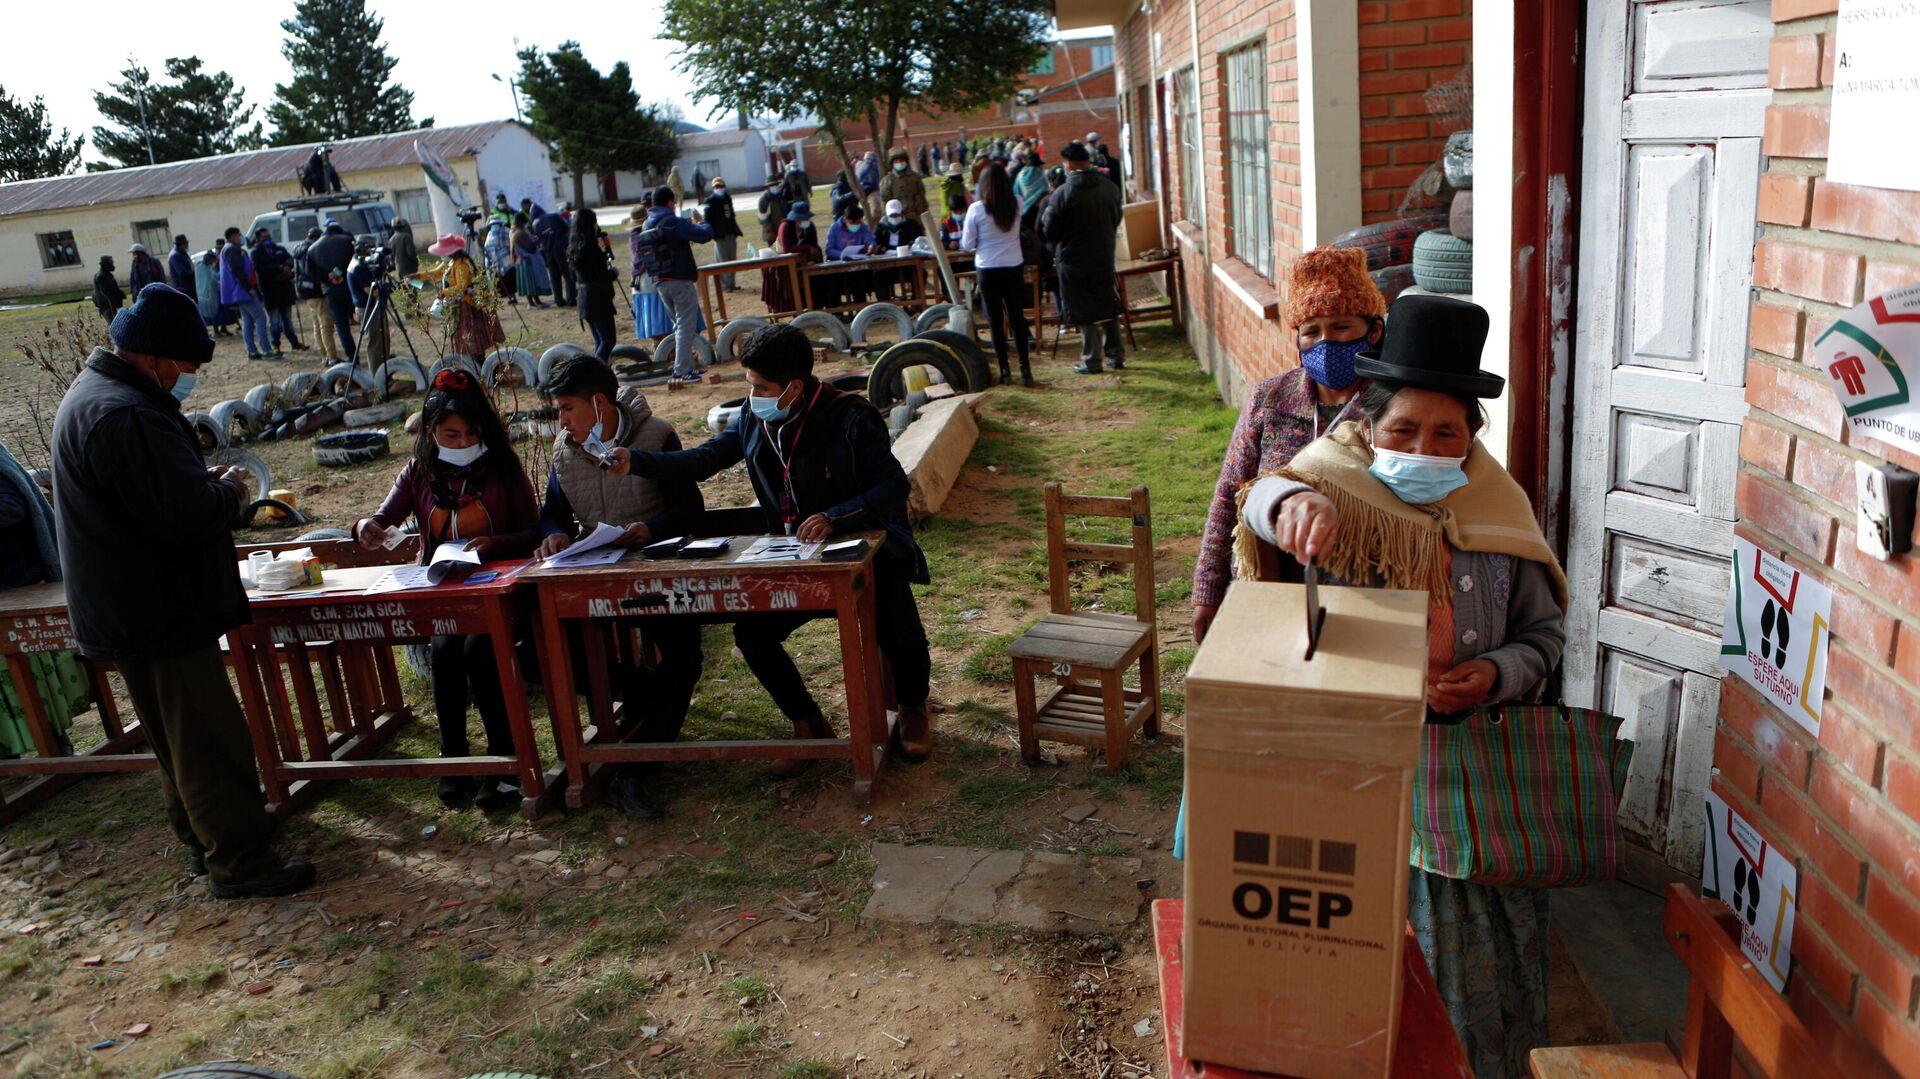 Elecciones regionales en Bolivia - Sputnik Mundo, 1920, 12.04.2021